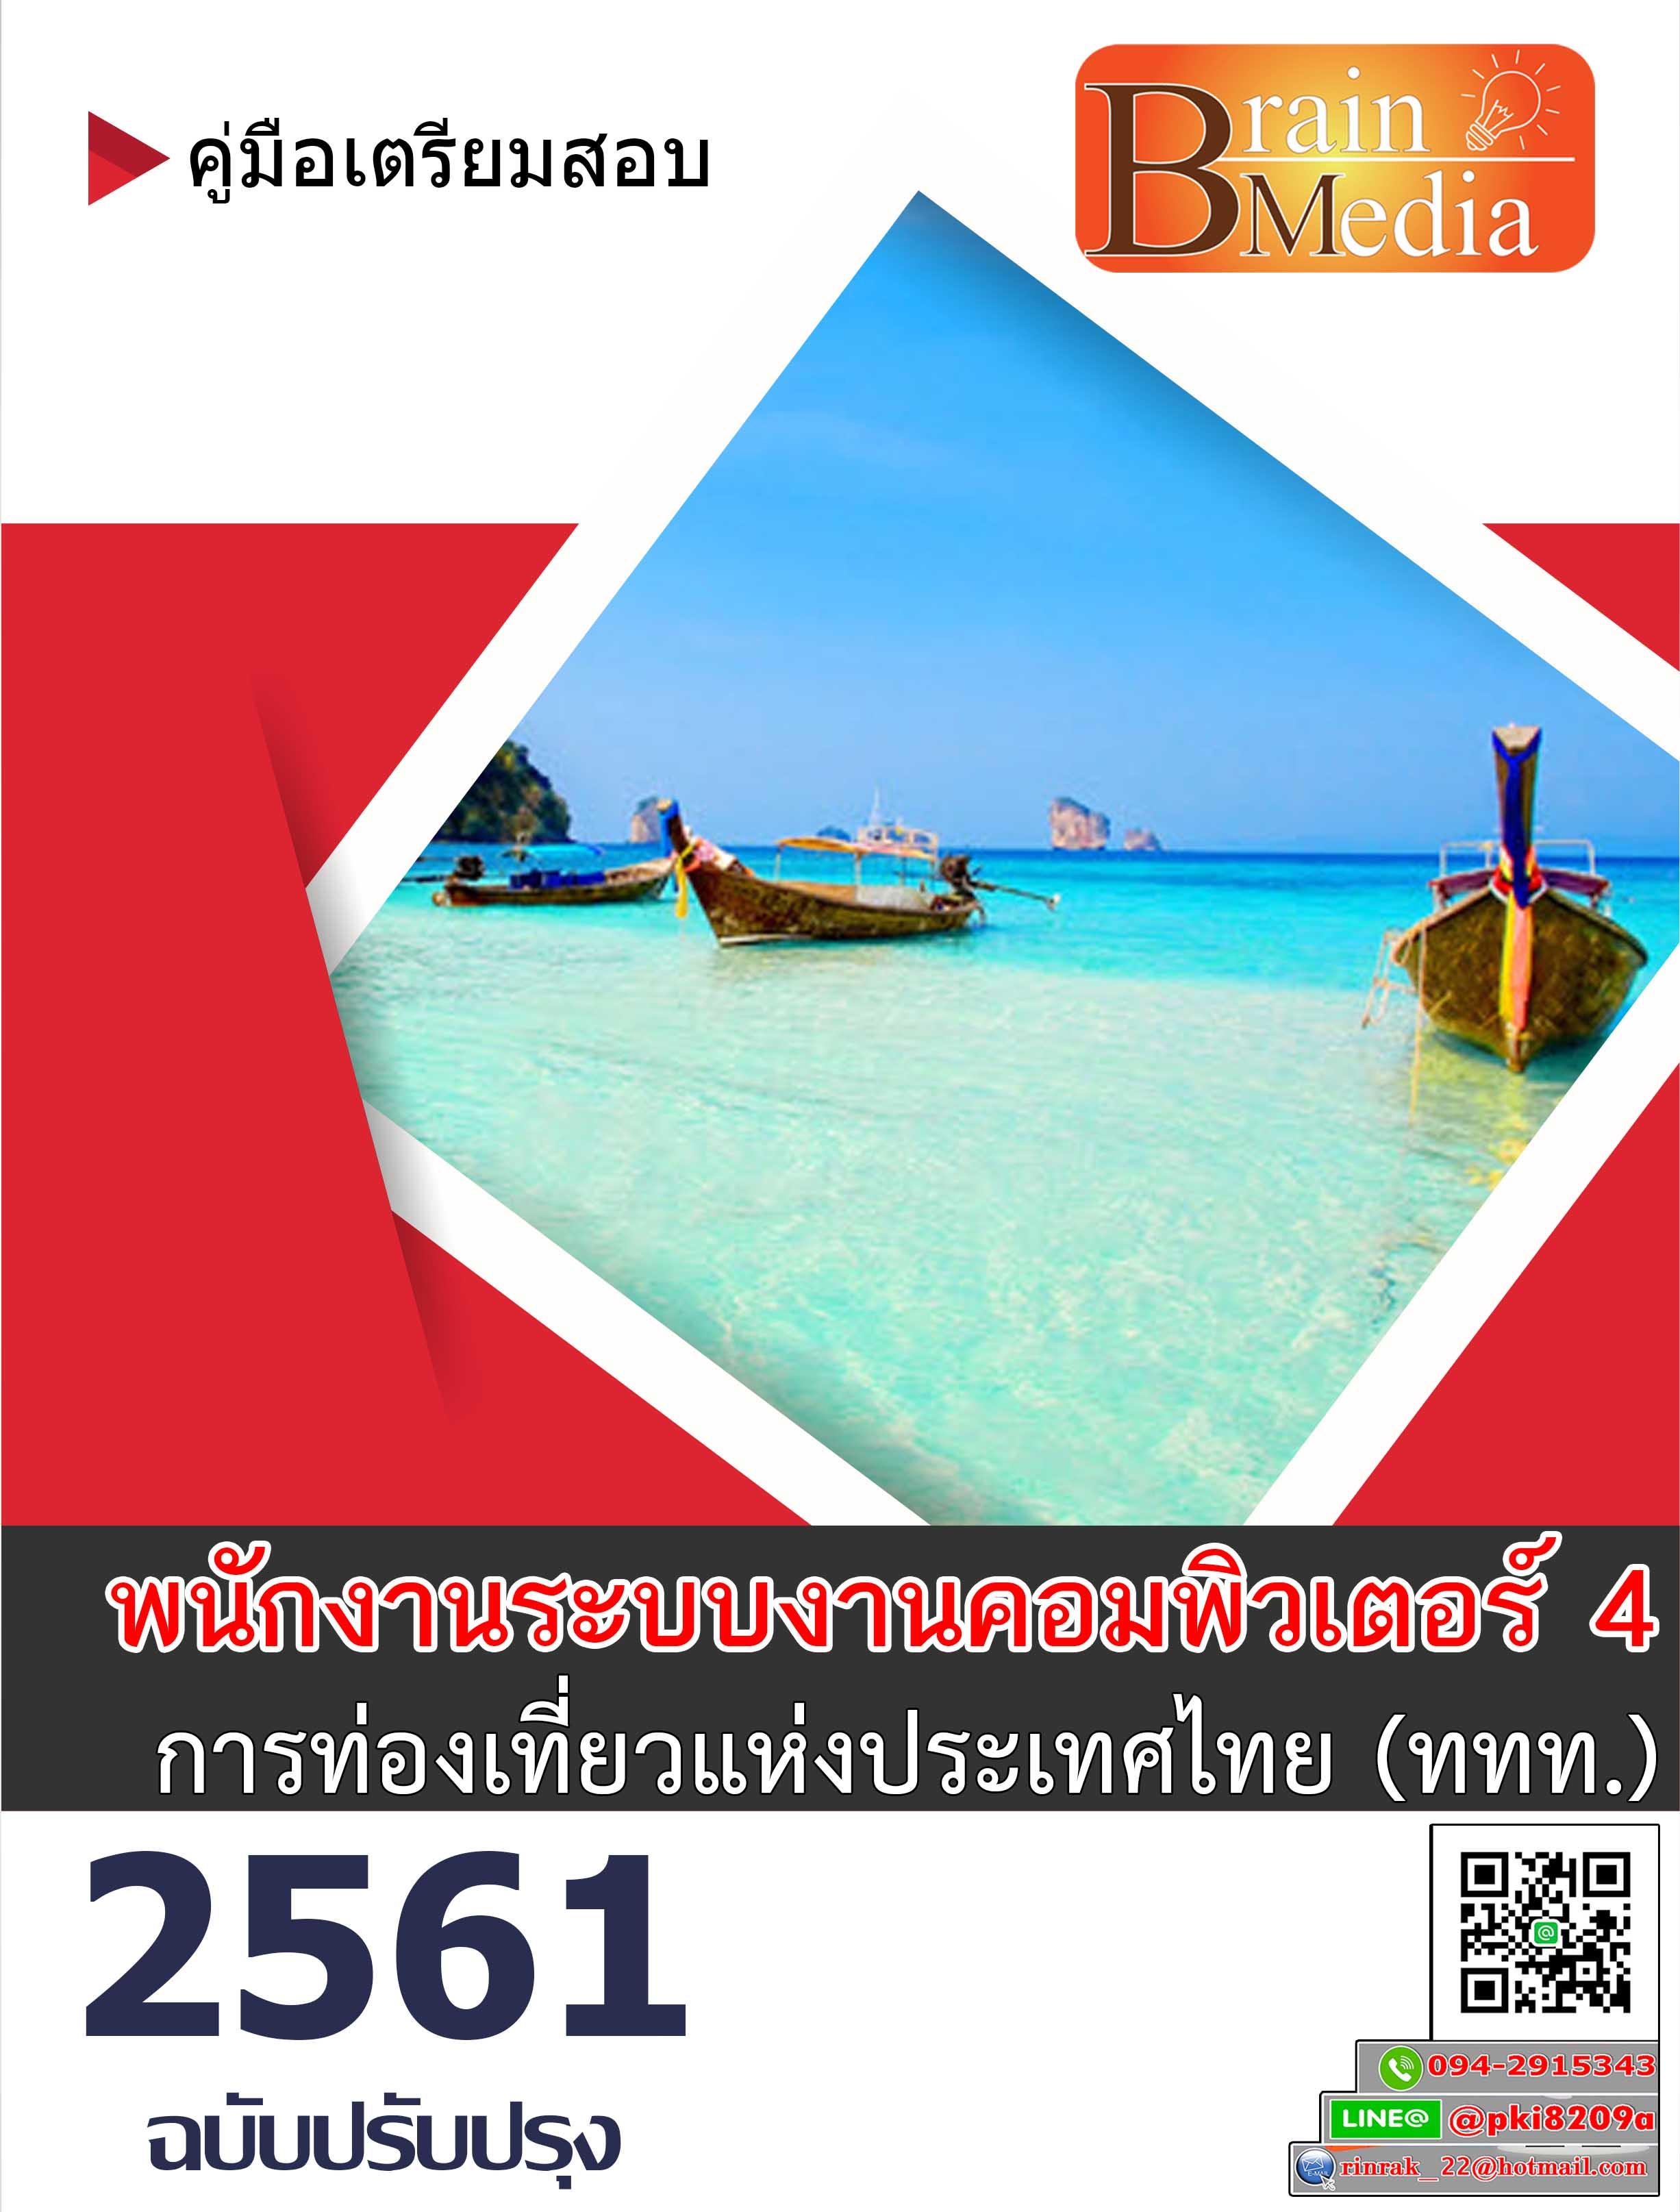 แนวข้อสอบ พนักงานระบบงานคอมพิวเตอร์ 4 การท่องเที่ยวแห่งประเทศไทย (ททท.)